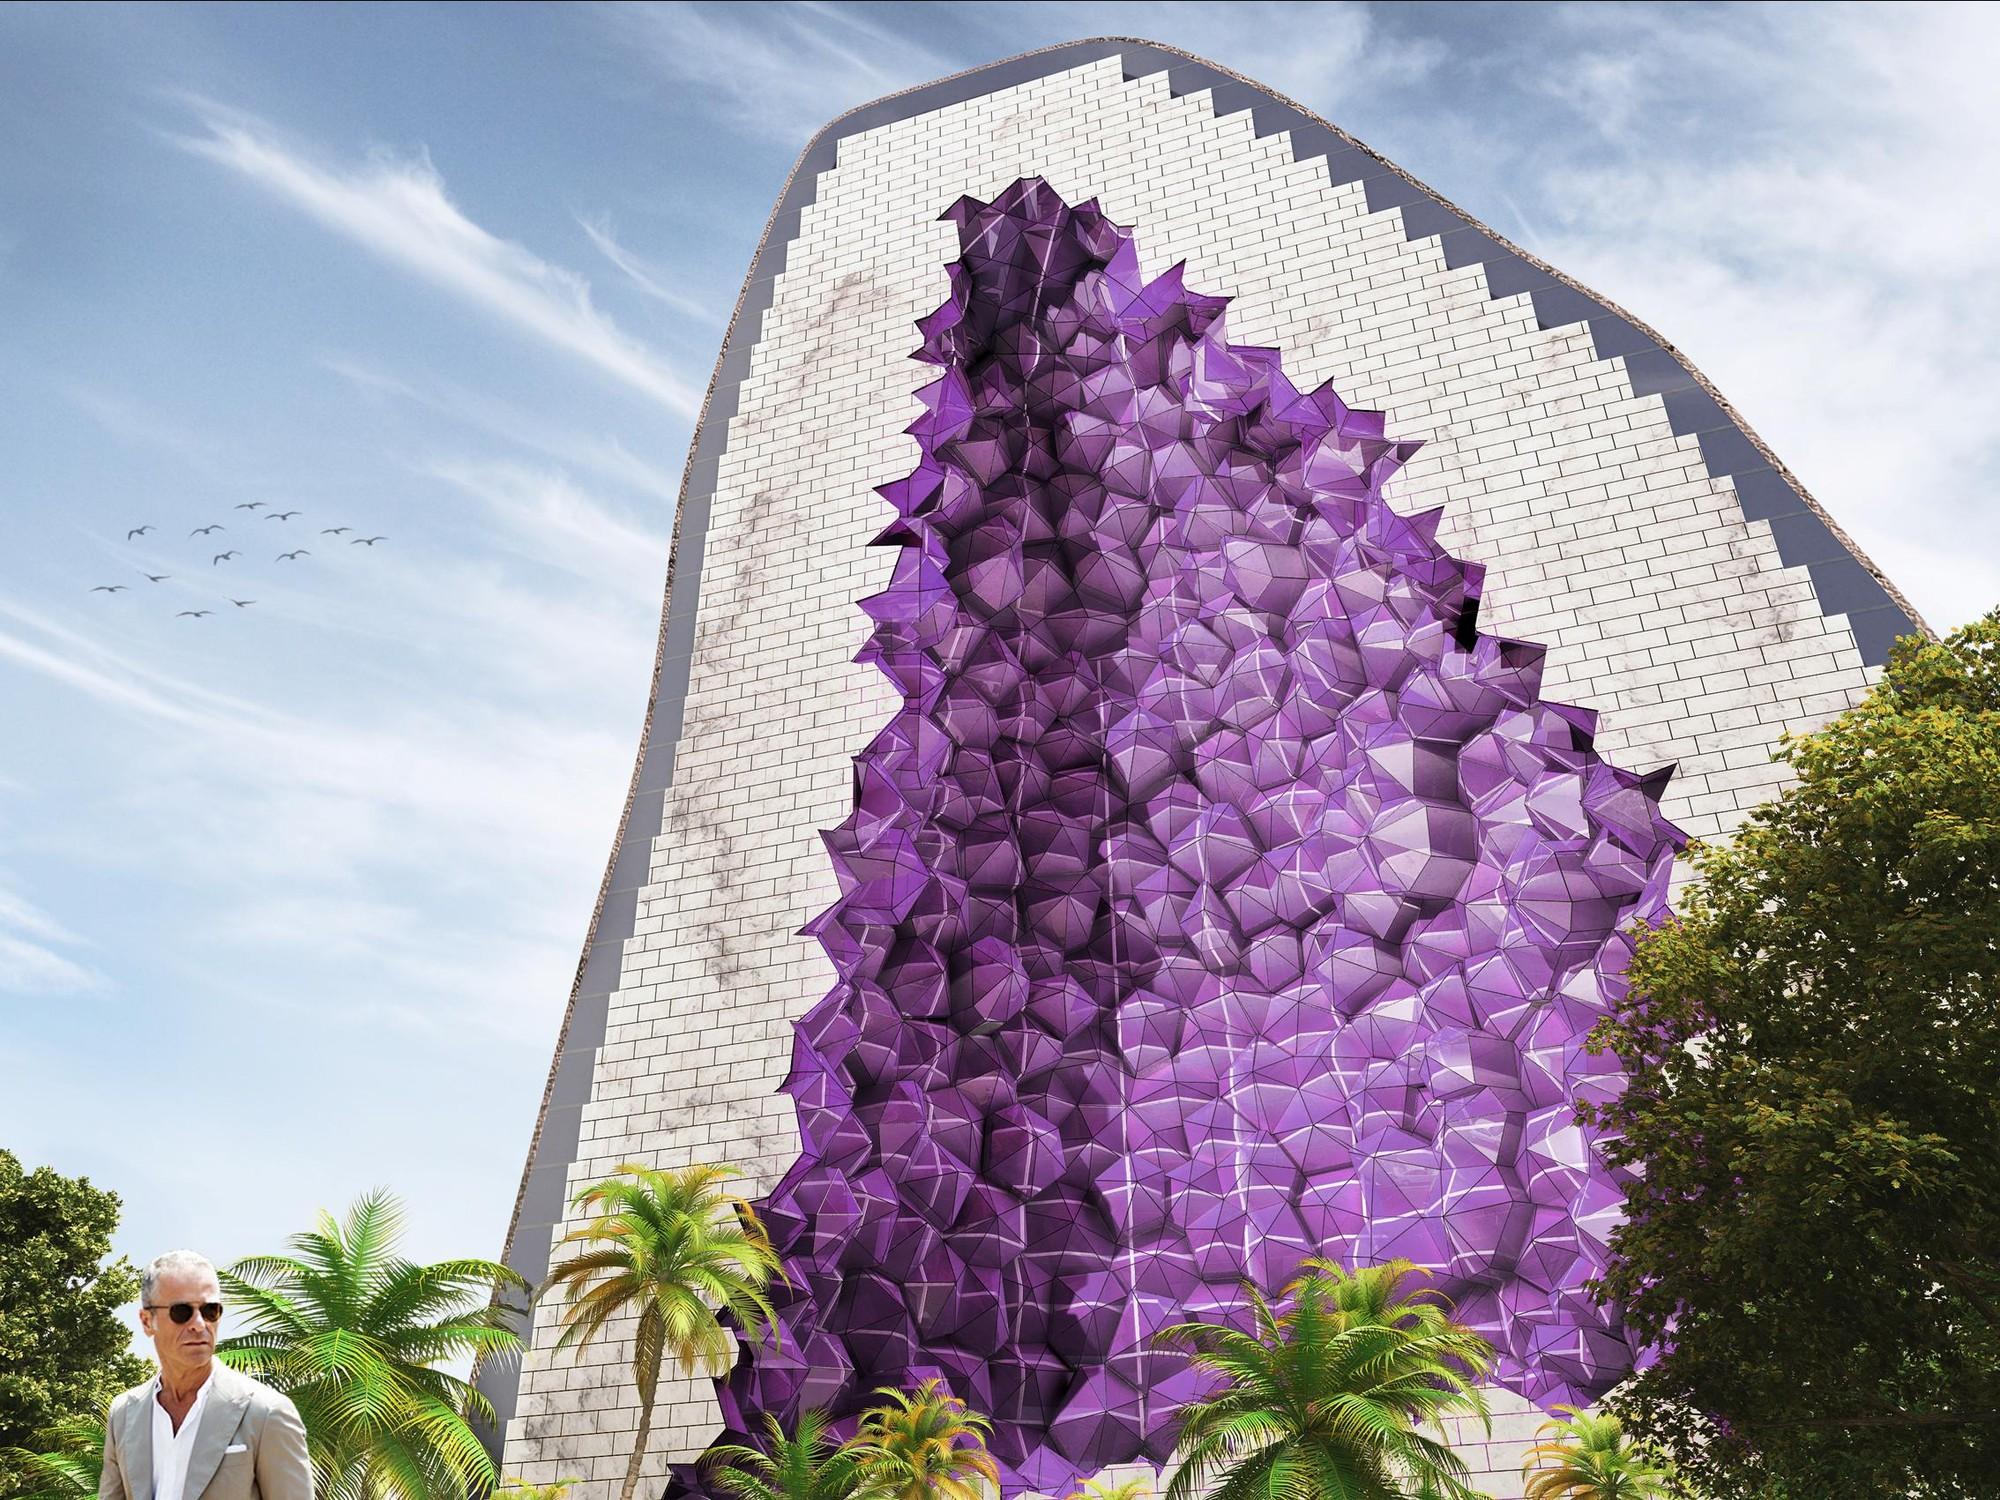 NL Architects propone diseño para impactante cadena de Hoteles inspirados en la Amatista, Vista desde la base de la torre. Imagen Cortesía de NL Architects